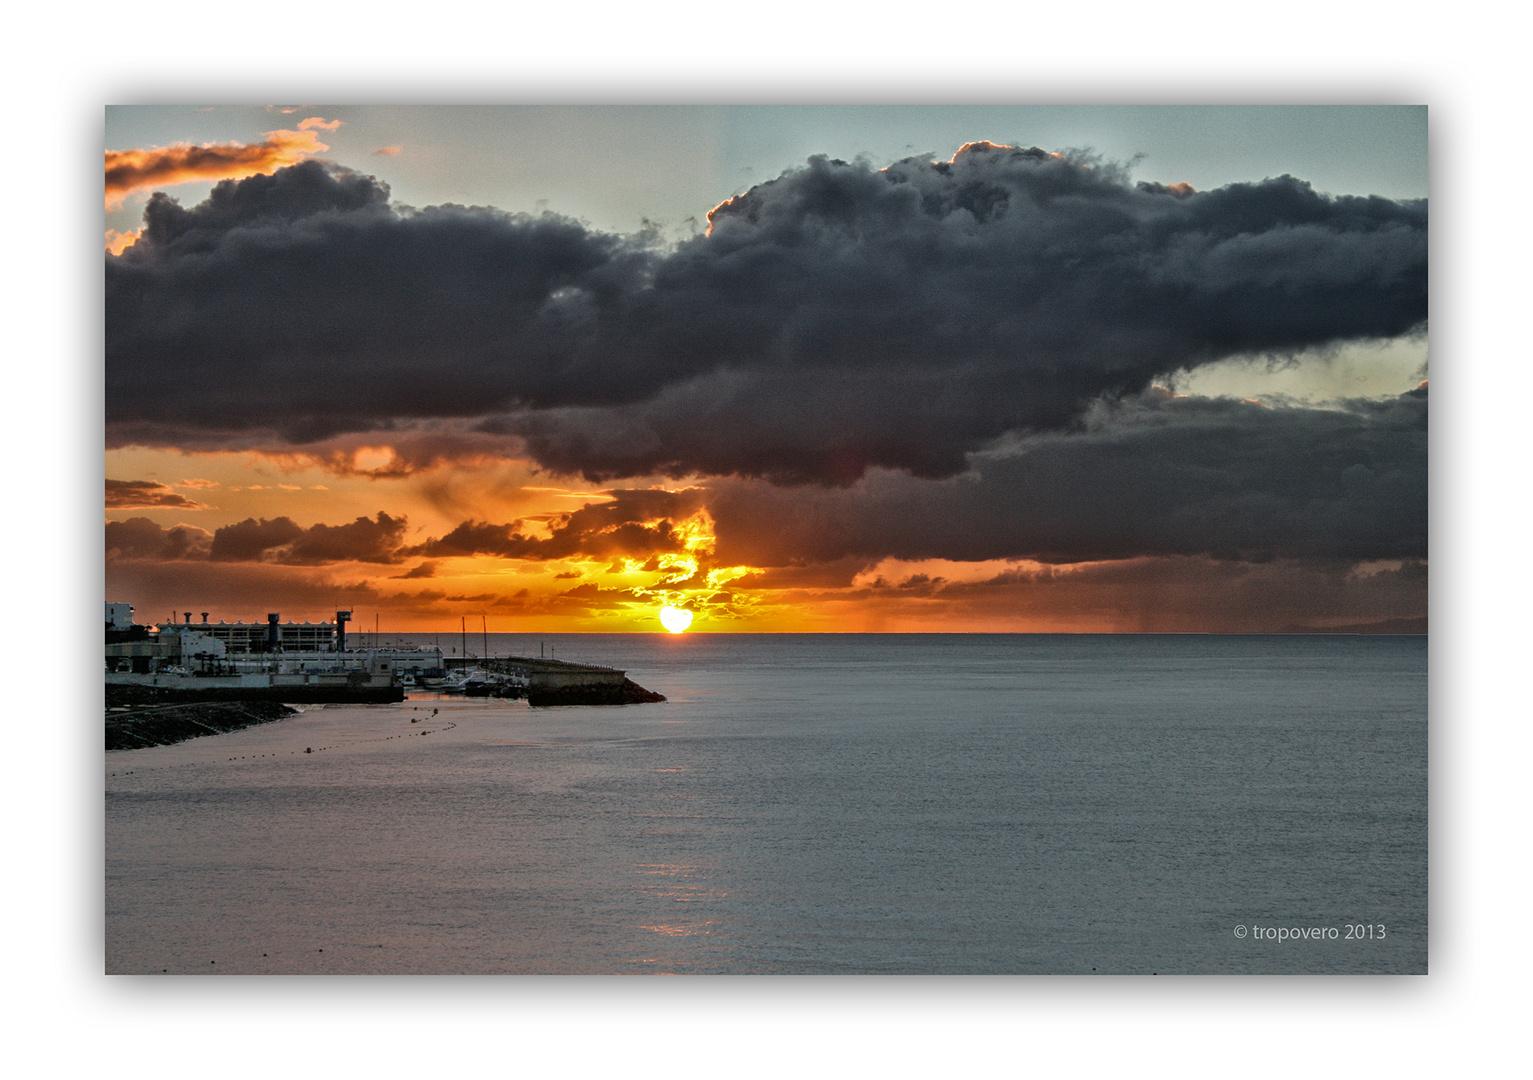 Cielo denso al amanecer